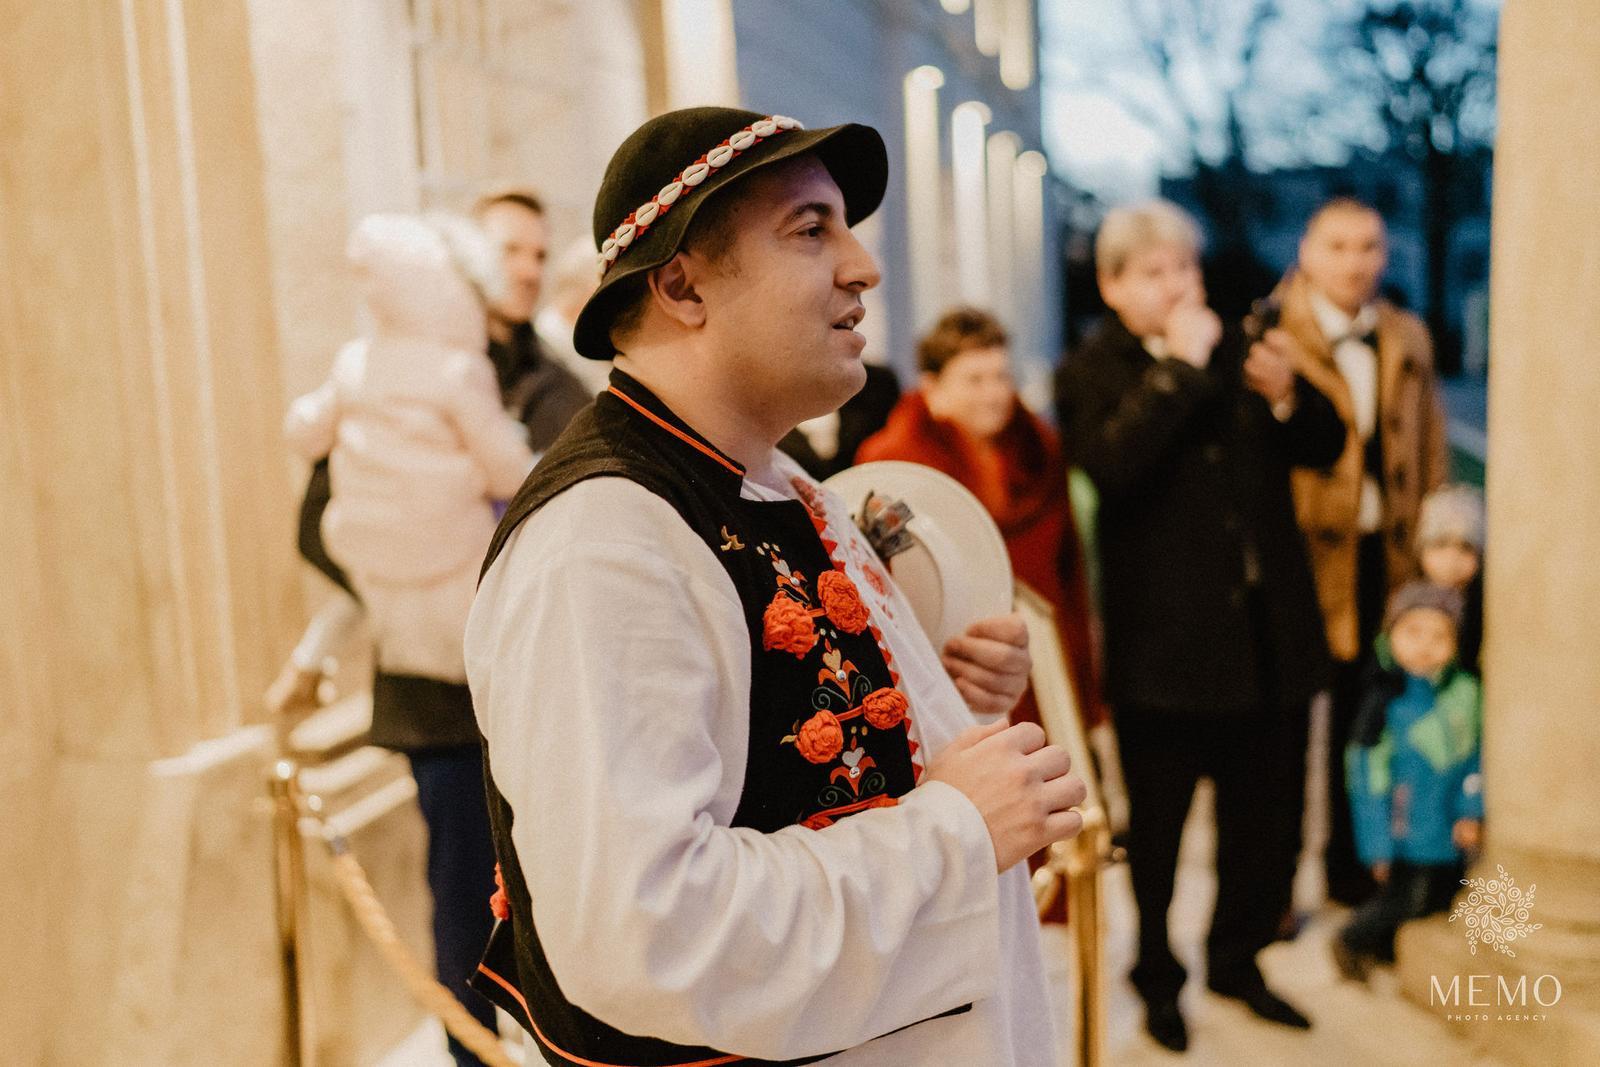 Milana sme pred svadbou... - Obrázok č. 2